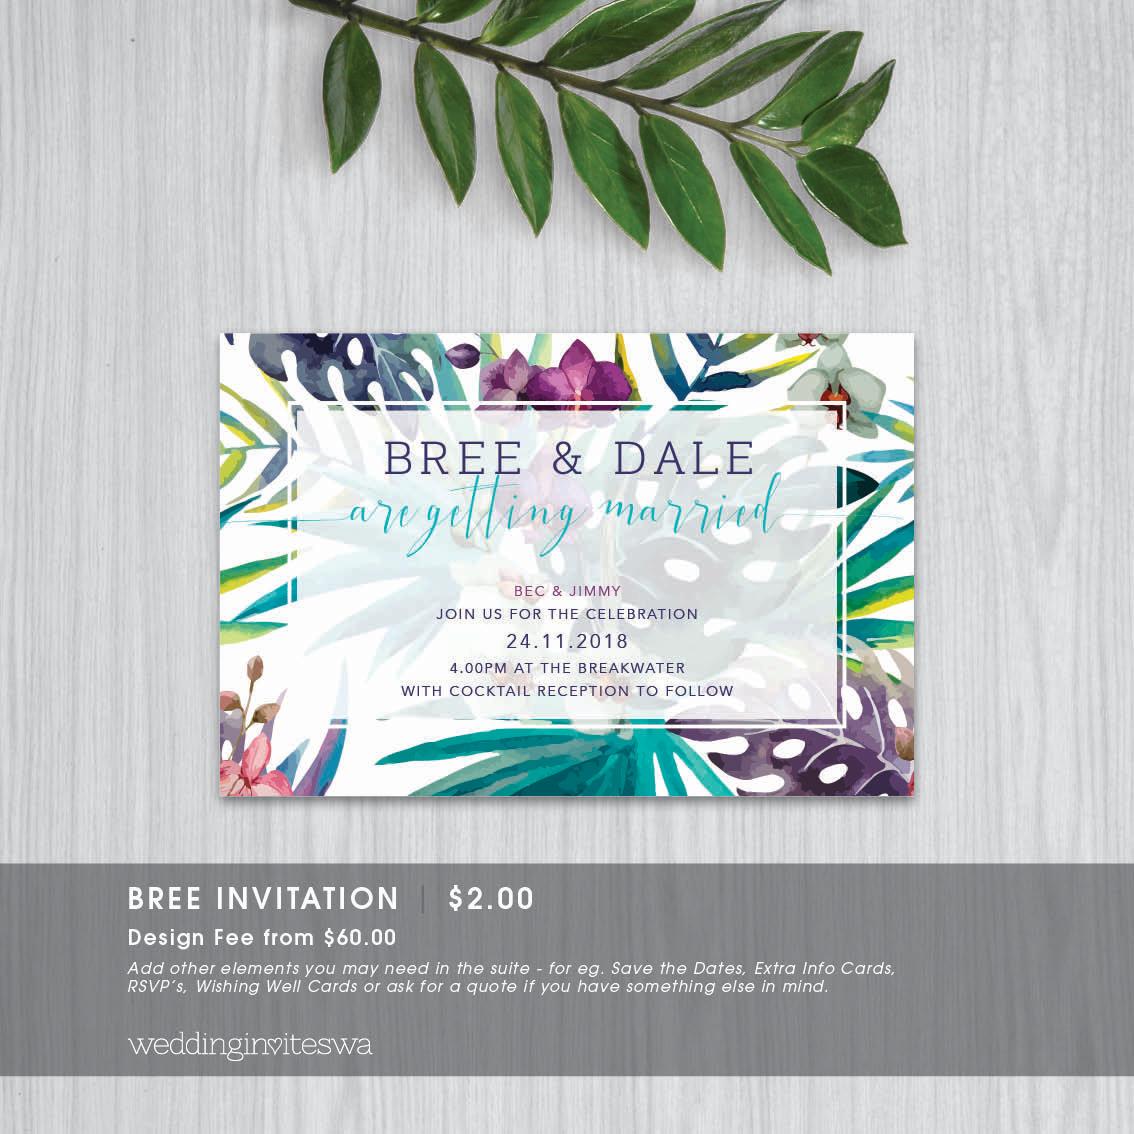 BREE_invite